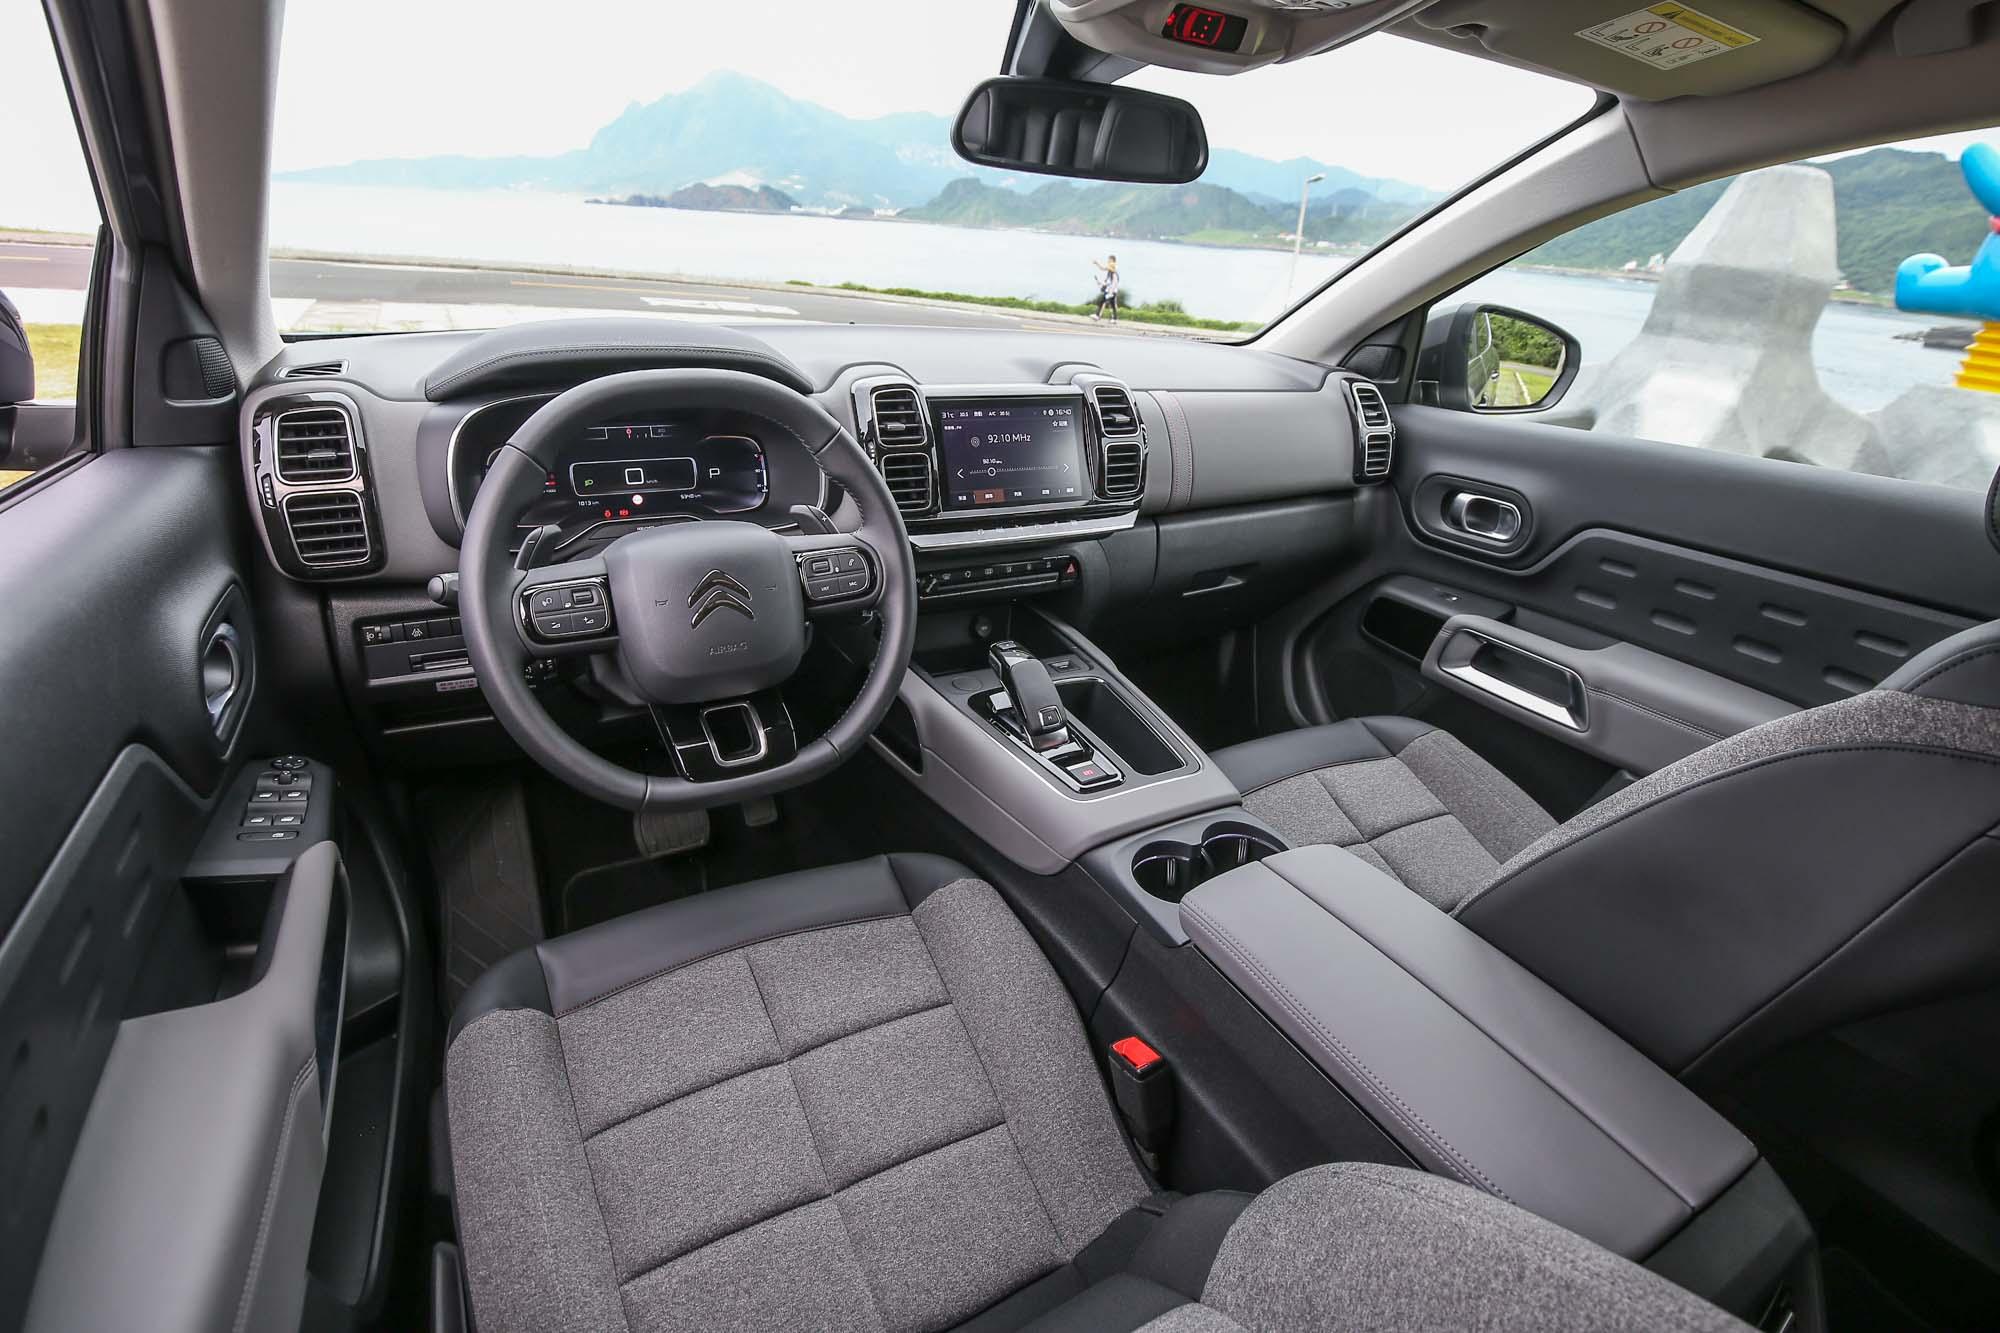 車內同樣是隨處可見的矩形元素,看似工整,卻又充滿了活潑與童趣,大幅降低了內裝的嚴肅感,也提升了乘坐的輕鬆感。